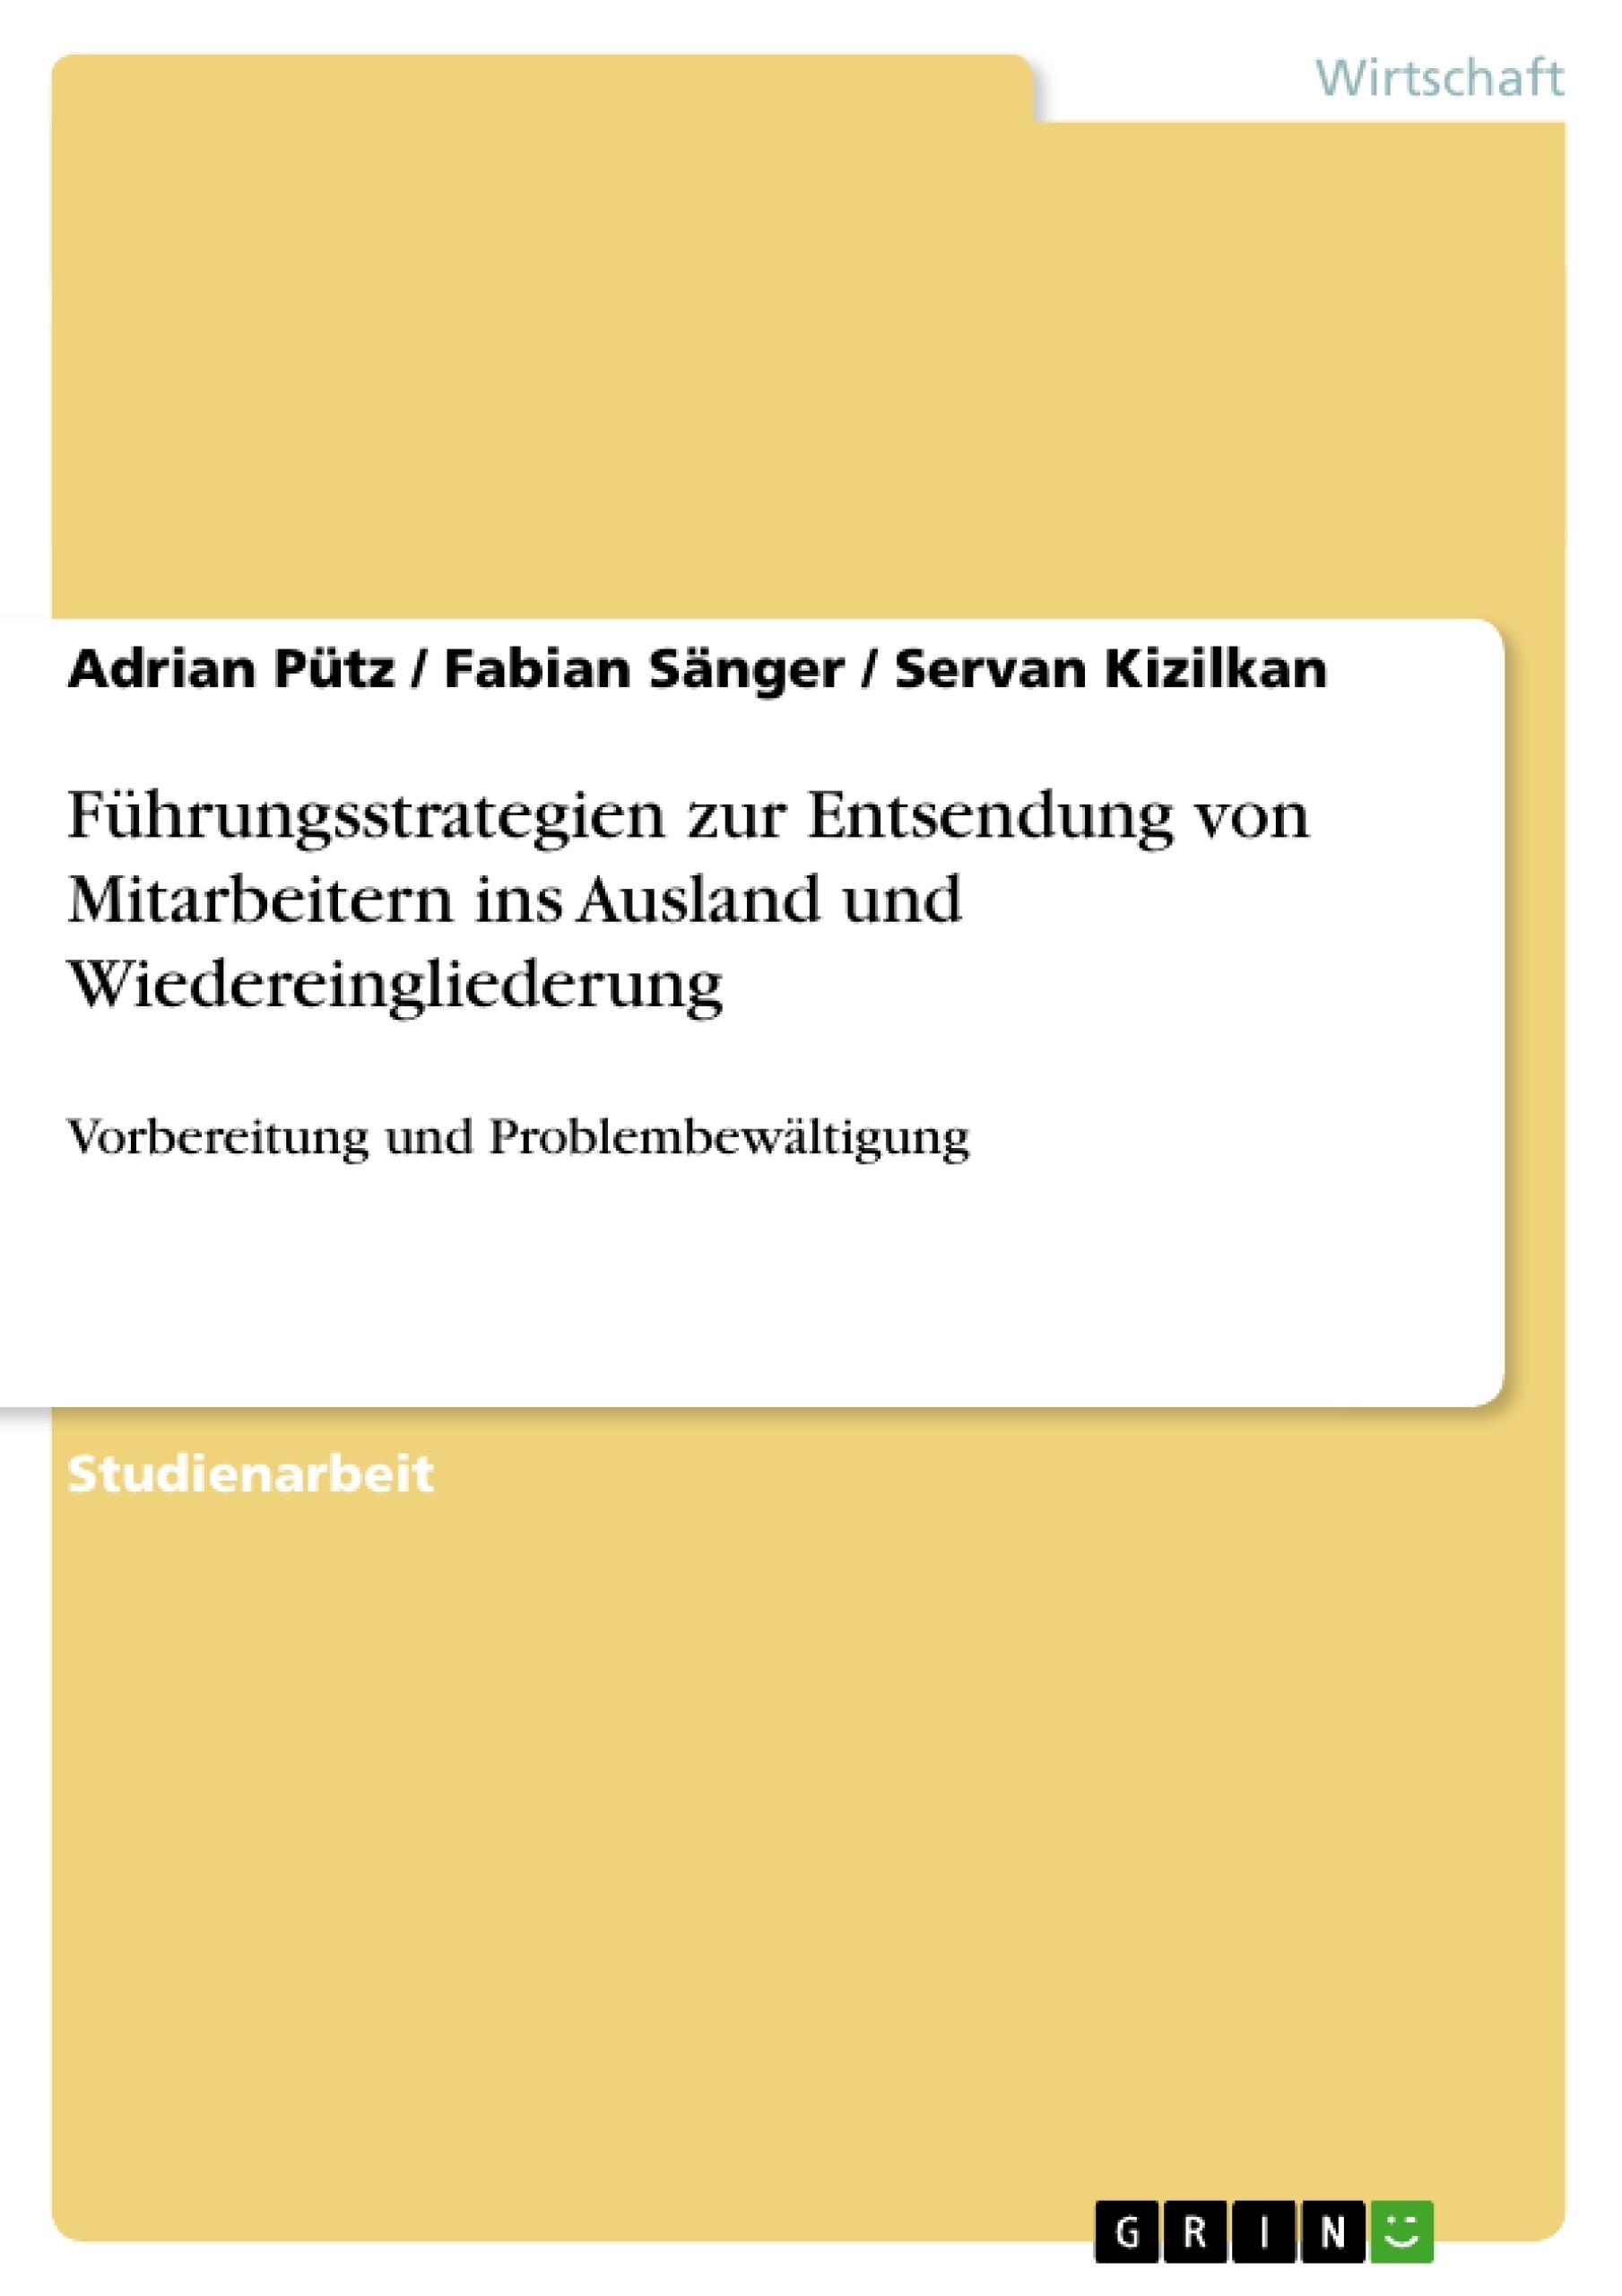 Titel: Führungsstrategien zur Entsendung von Mitarbeitern ins Ausland und Wiedereingliederung